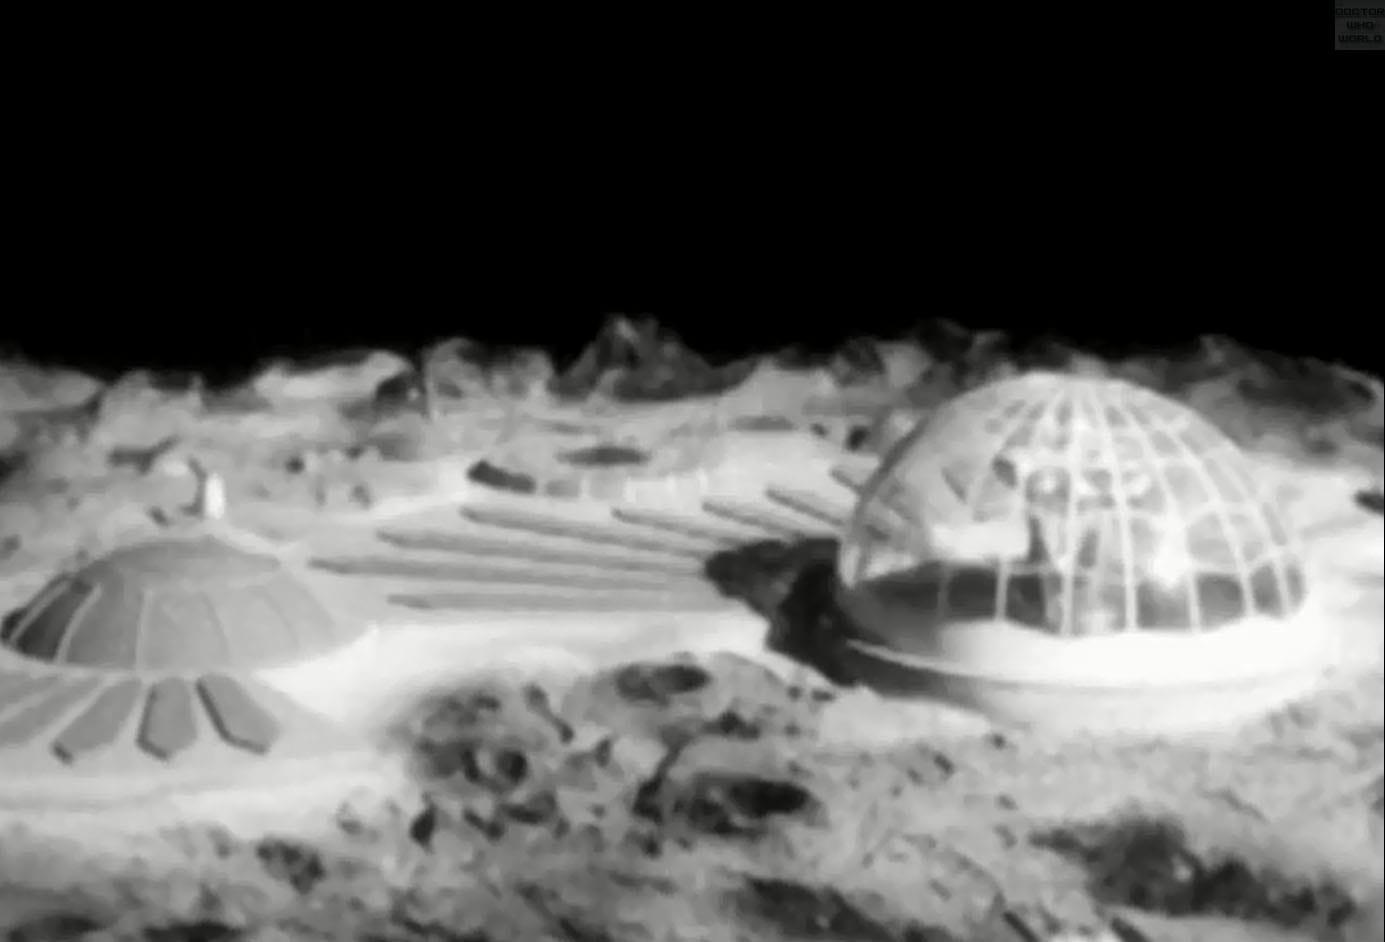 5-the-moonbase